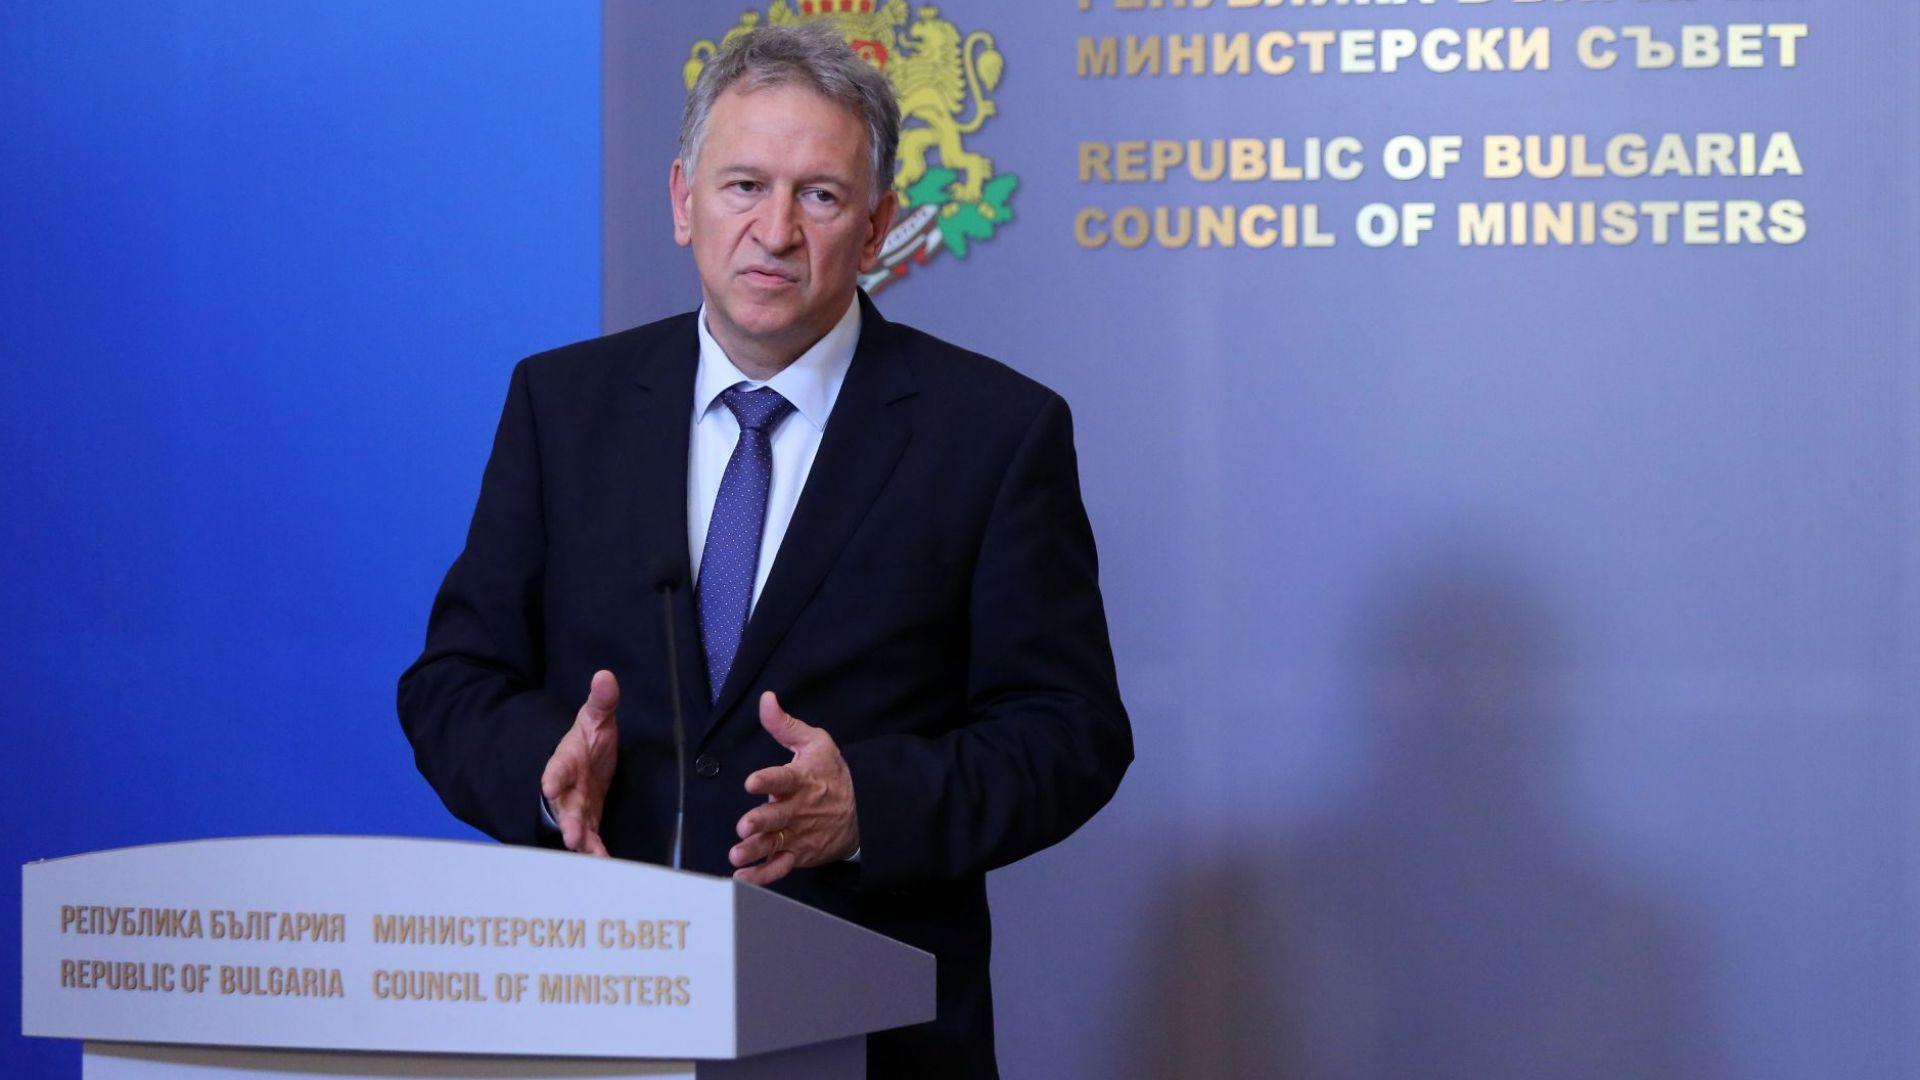 Кацаров: COVID мерките на предишното правителство бяха политически мотивирани